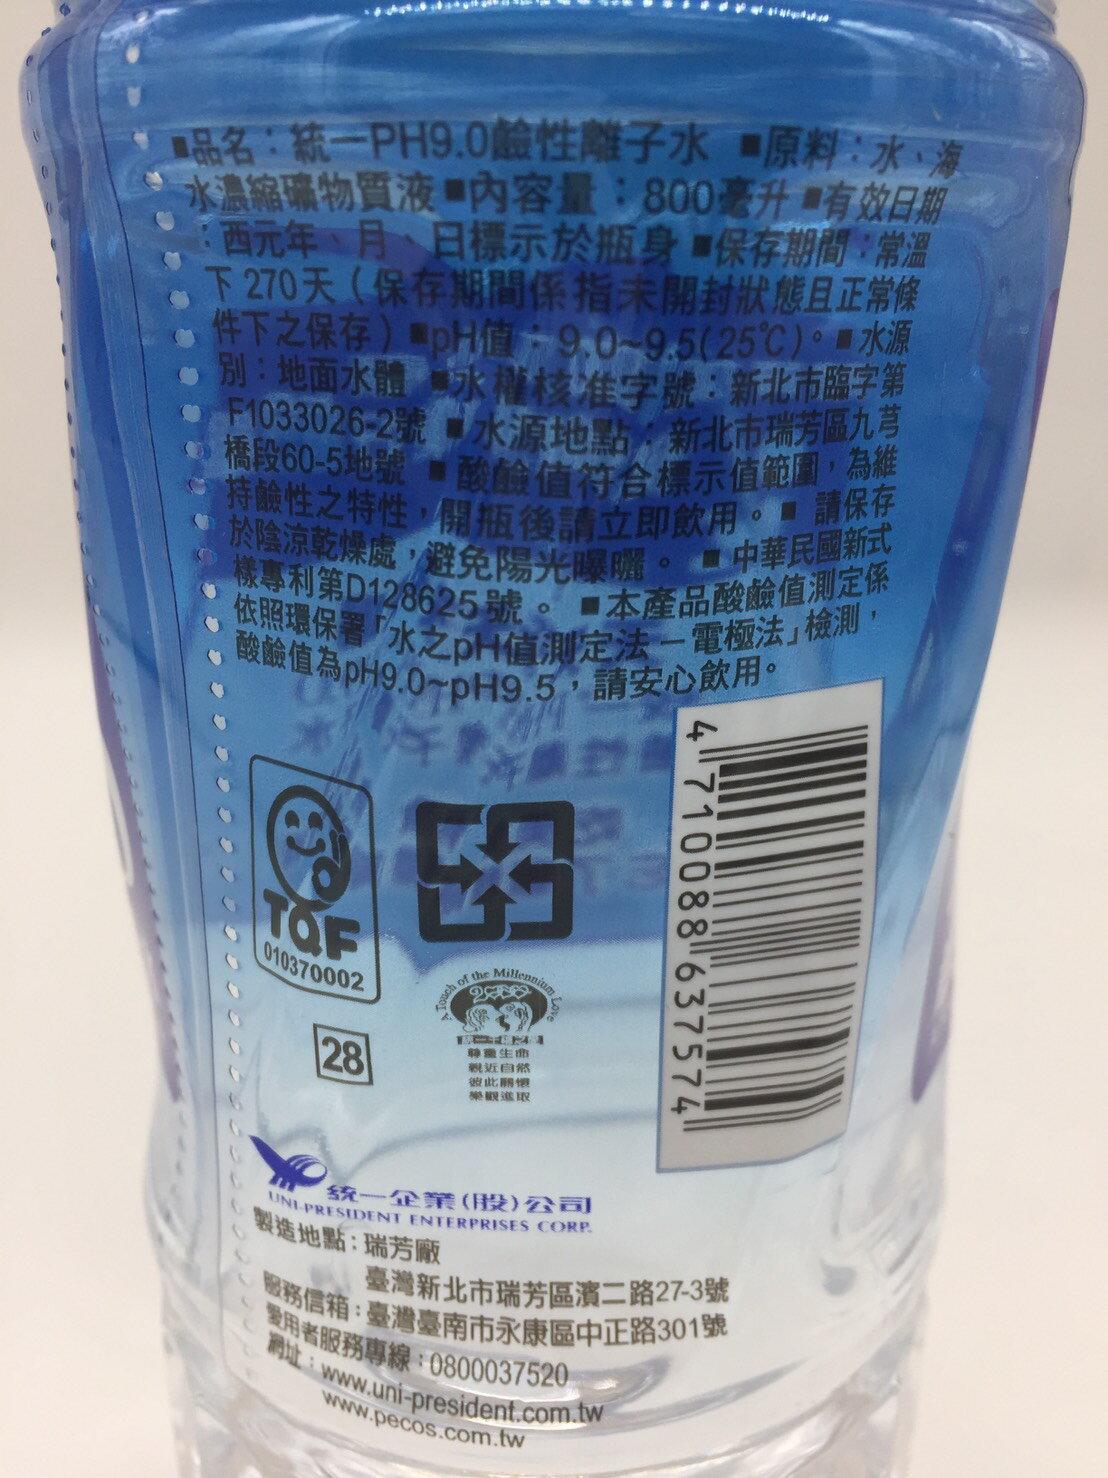 代購 兩箱 鹼性離子水 統一PH9.0鹼性離子水1箱20罐 1罐800ML